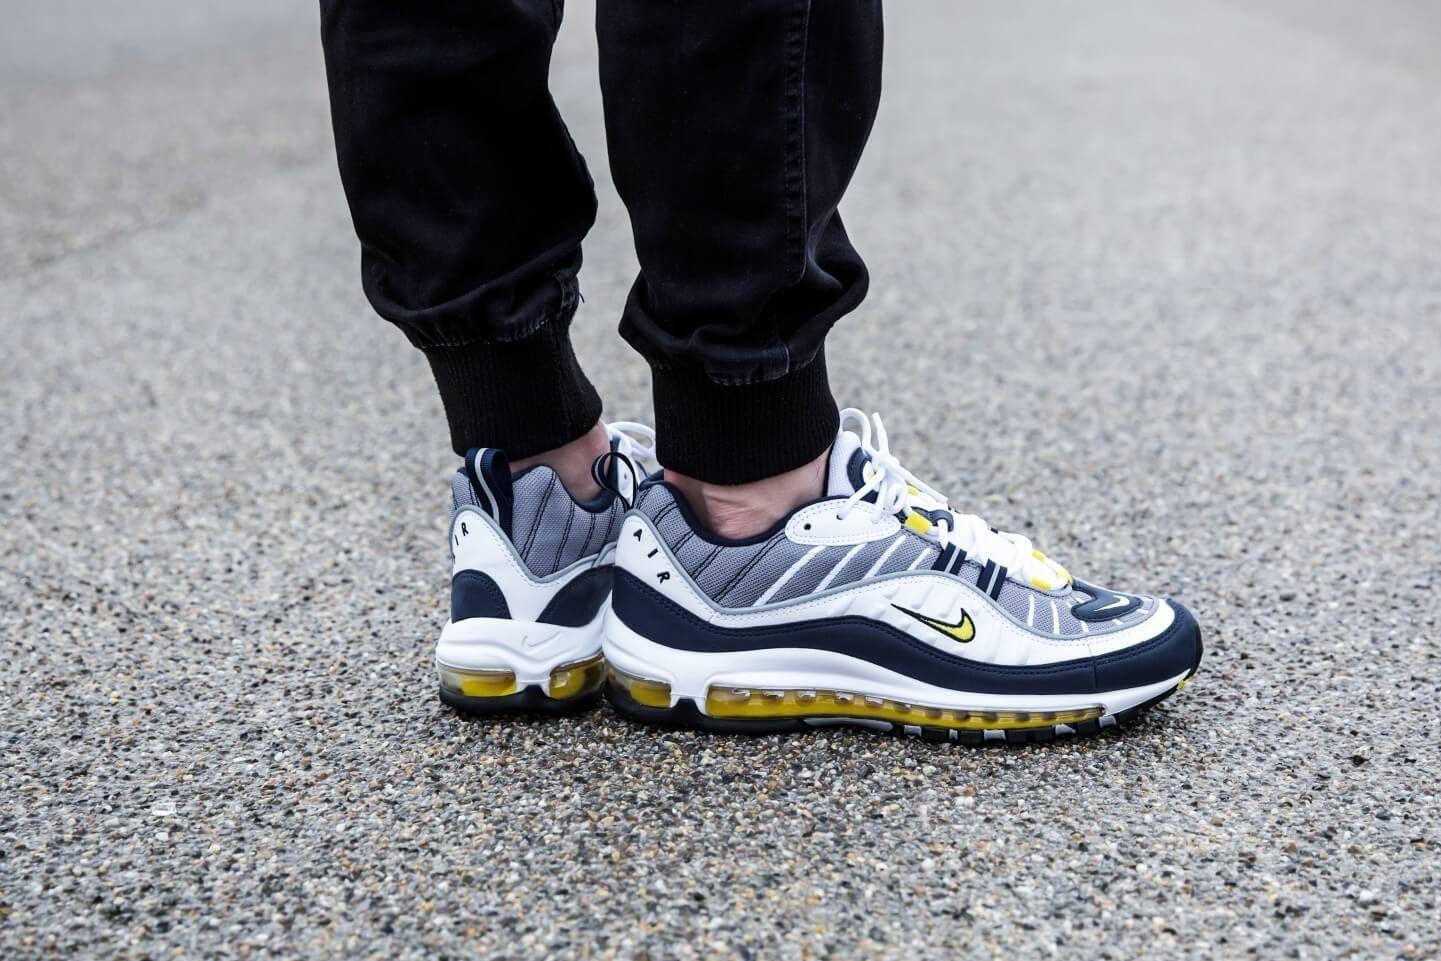 Nike Air Max 98 Tour Yellow - Grailify